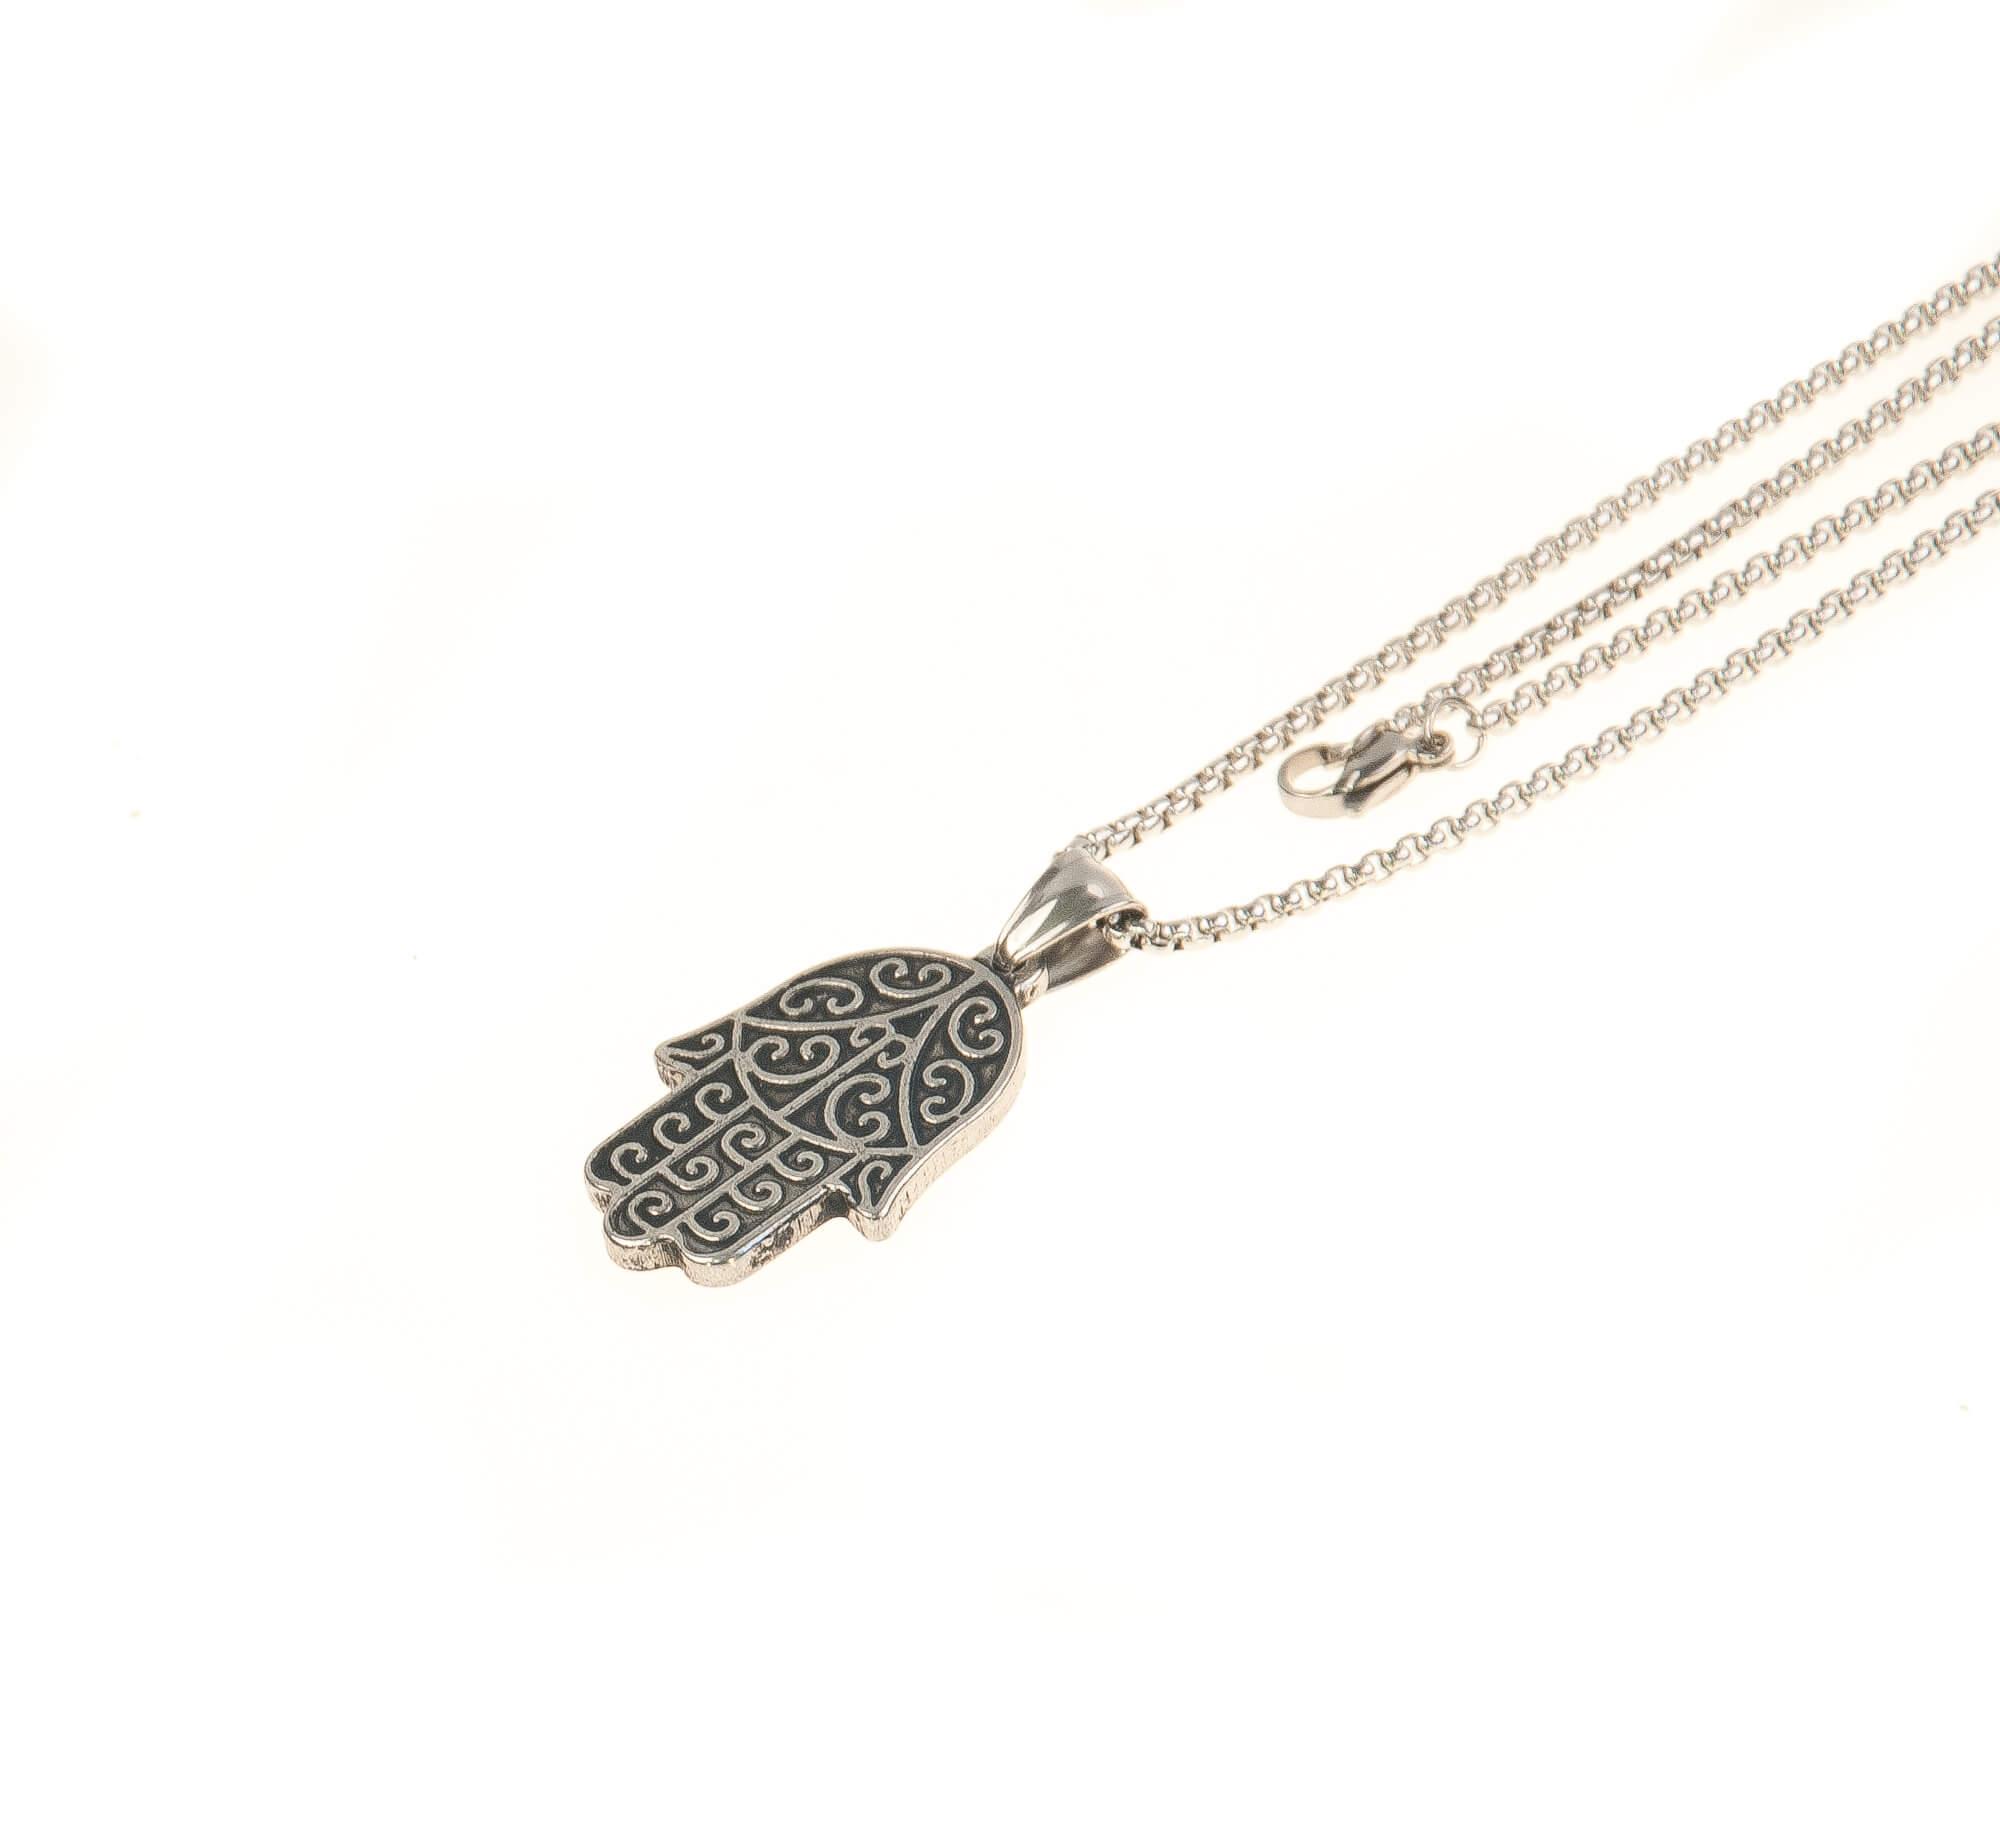 گردنبند استیل نقره ای با طرح دست NM1023